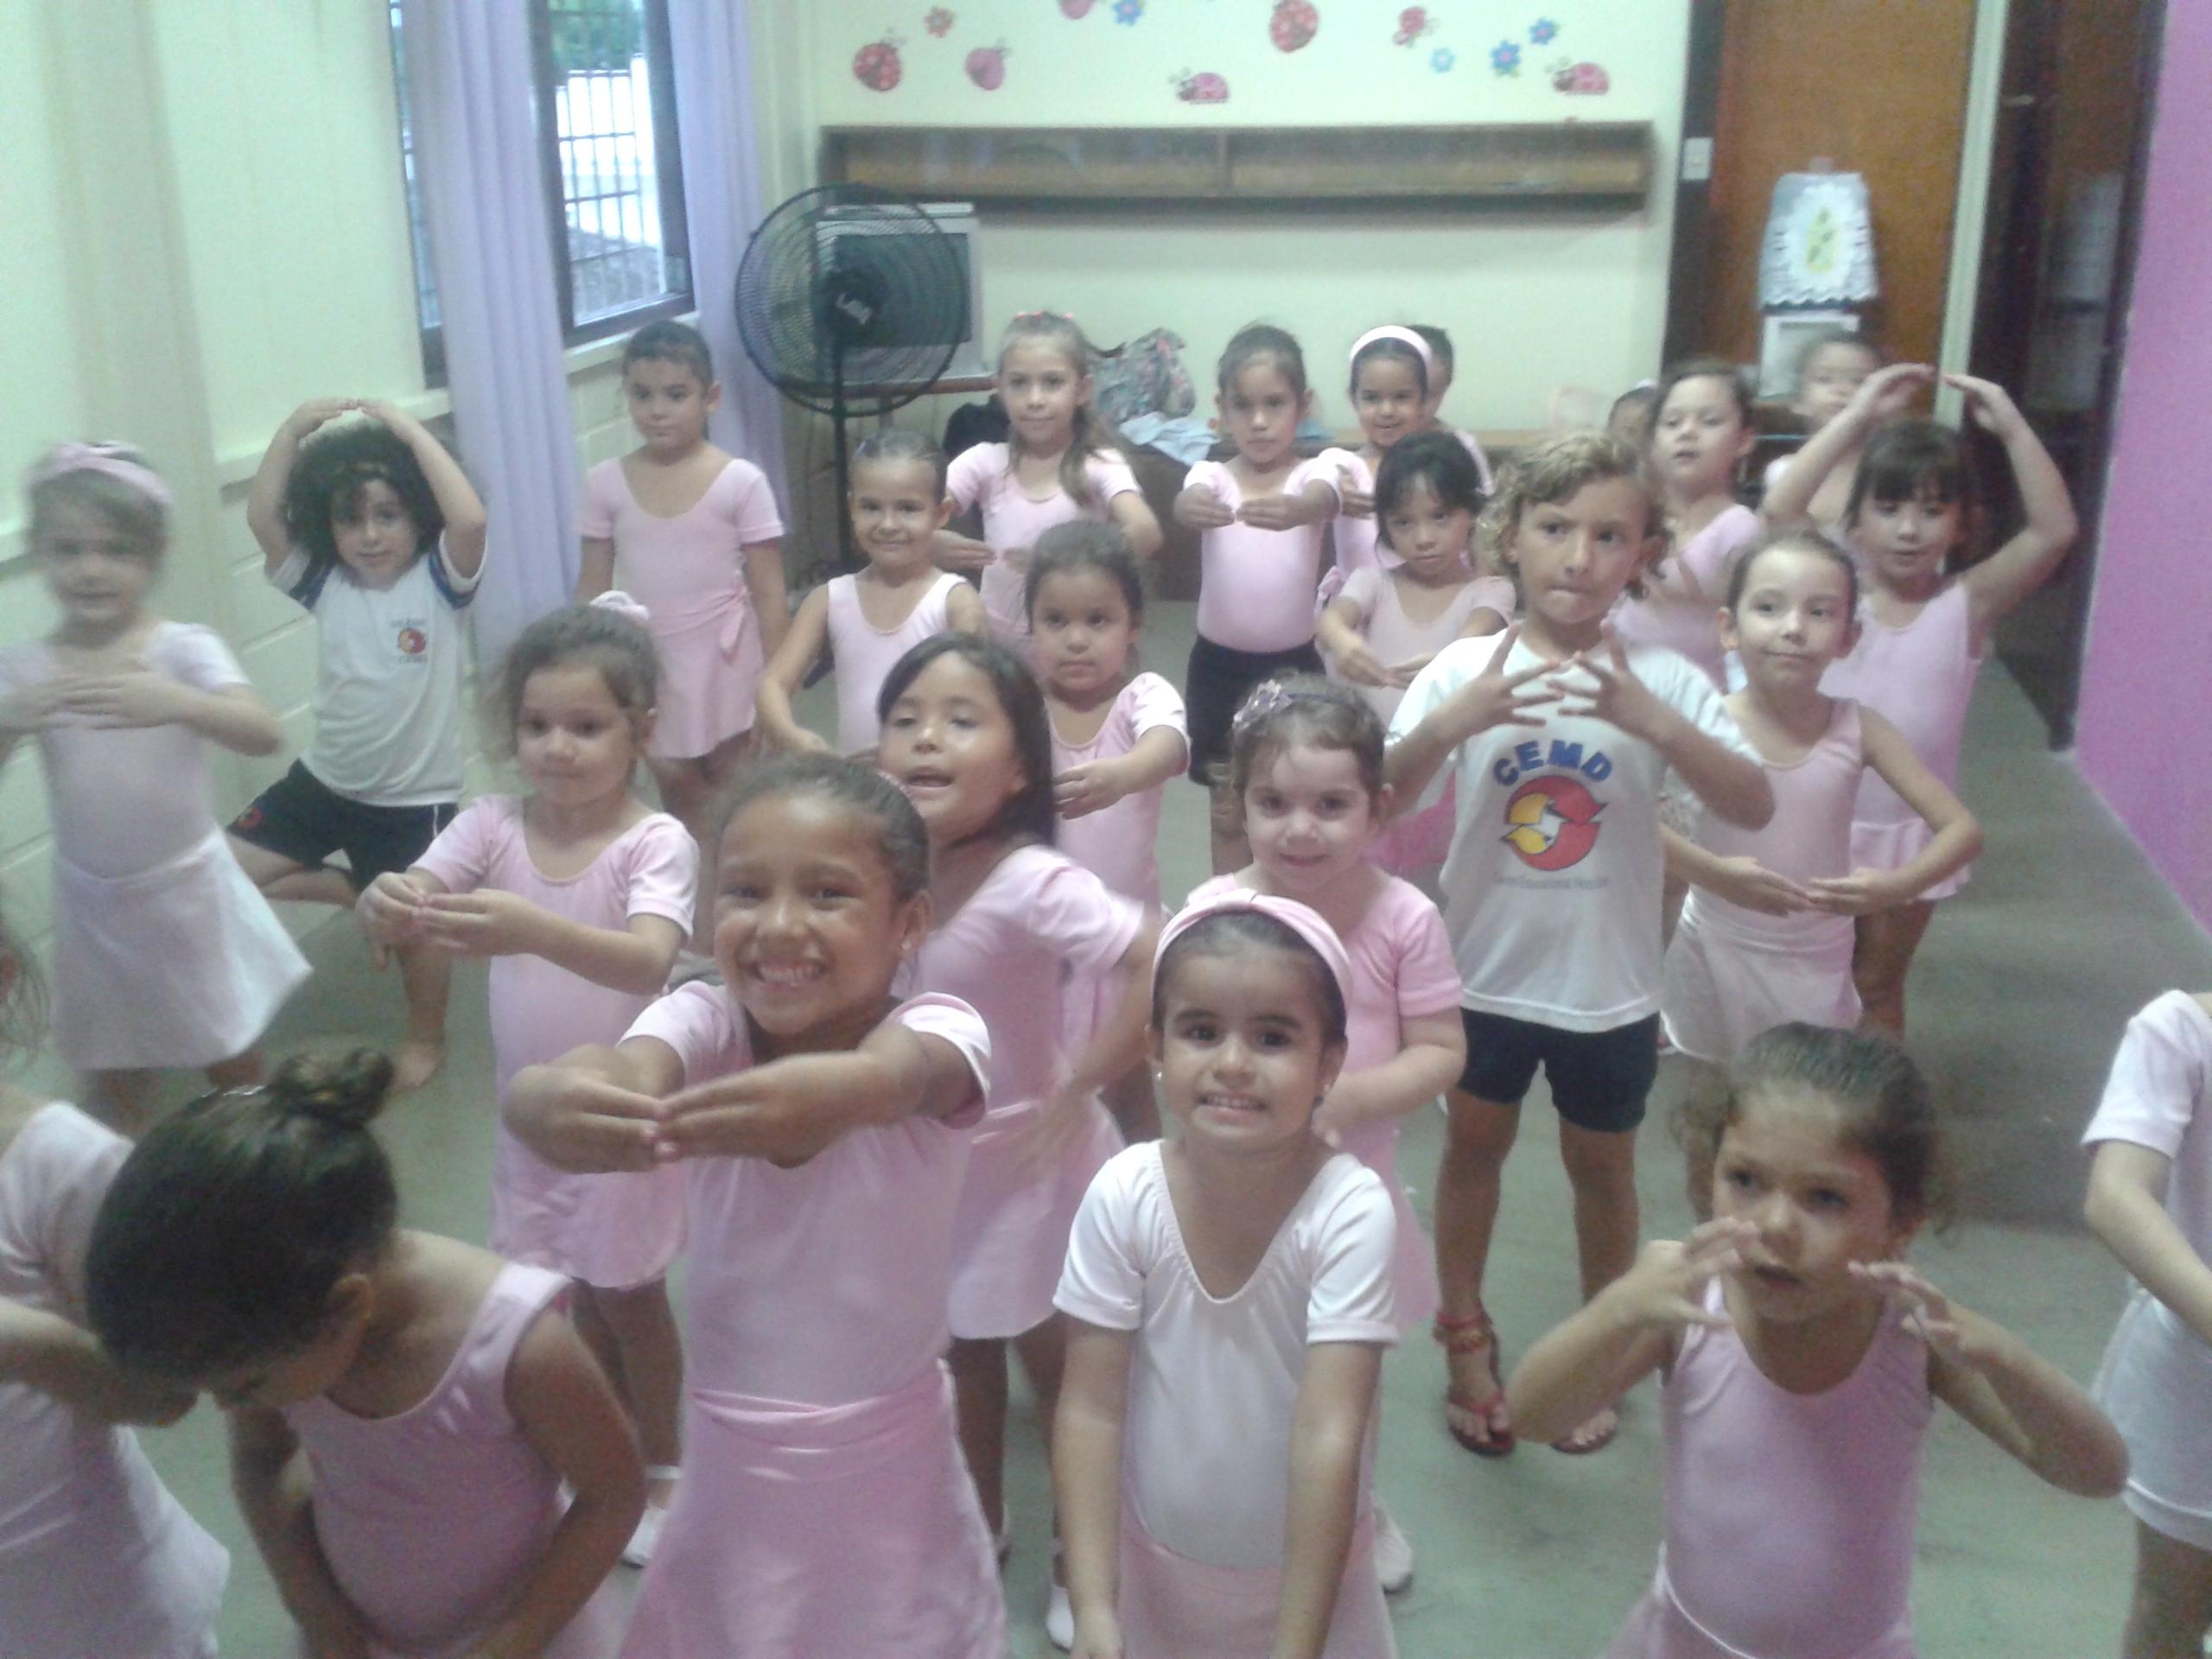 Atividades extracurriculares: Futsal e Ballet